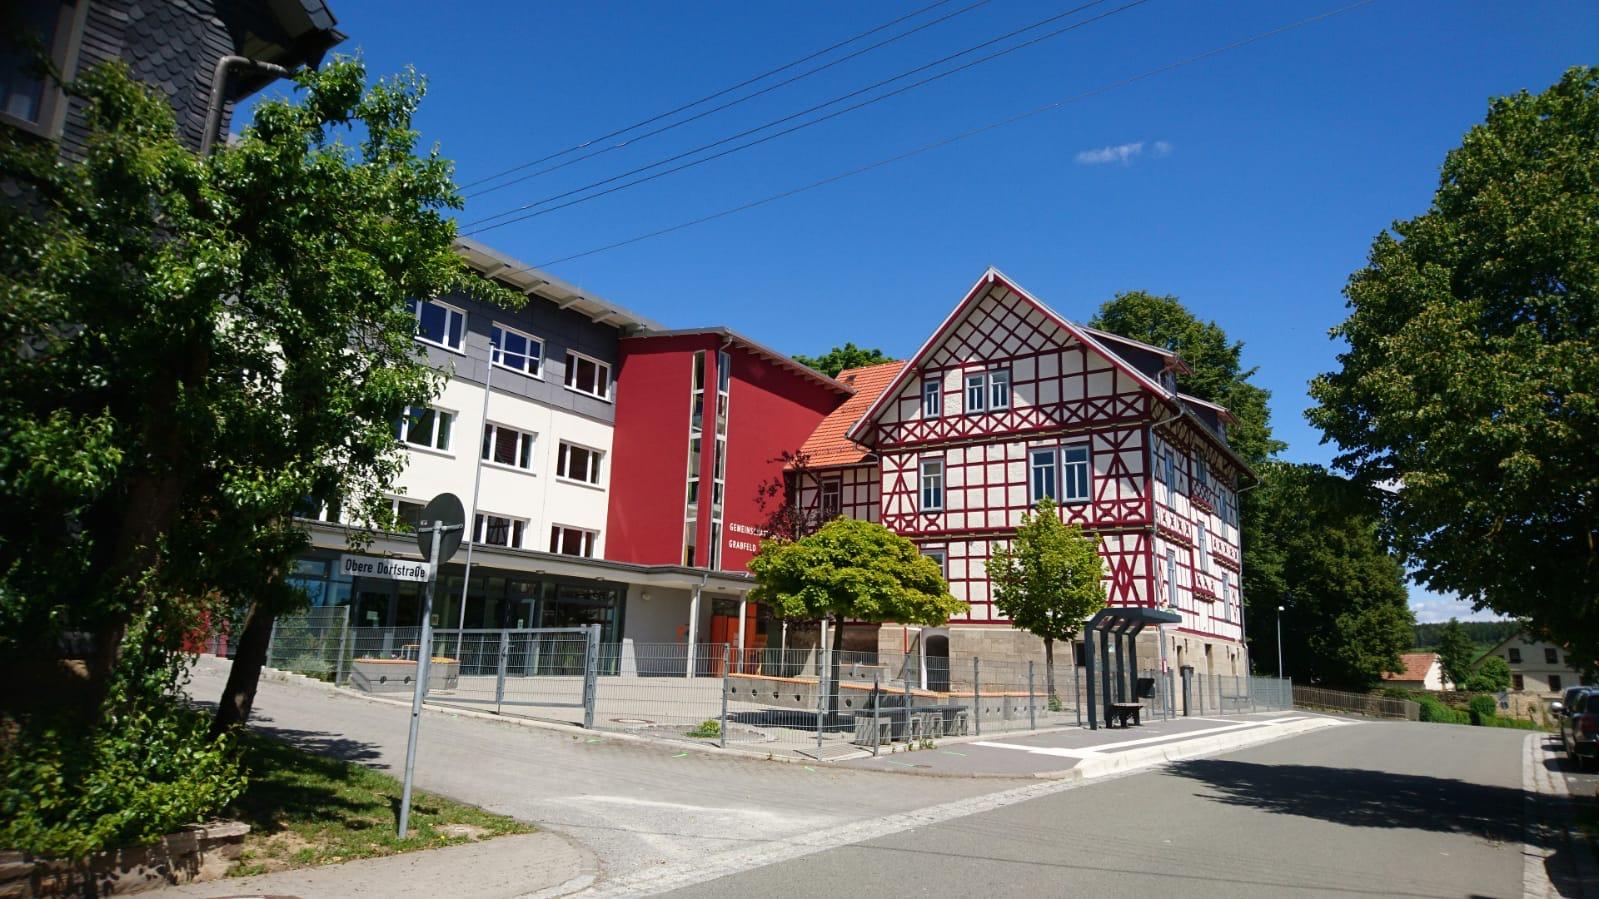 Mii mache rää - TGS Grabfeld (Thüringen)